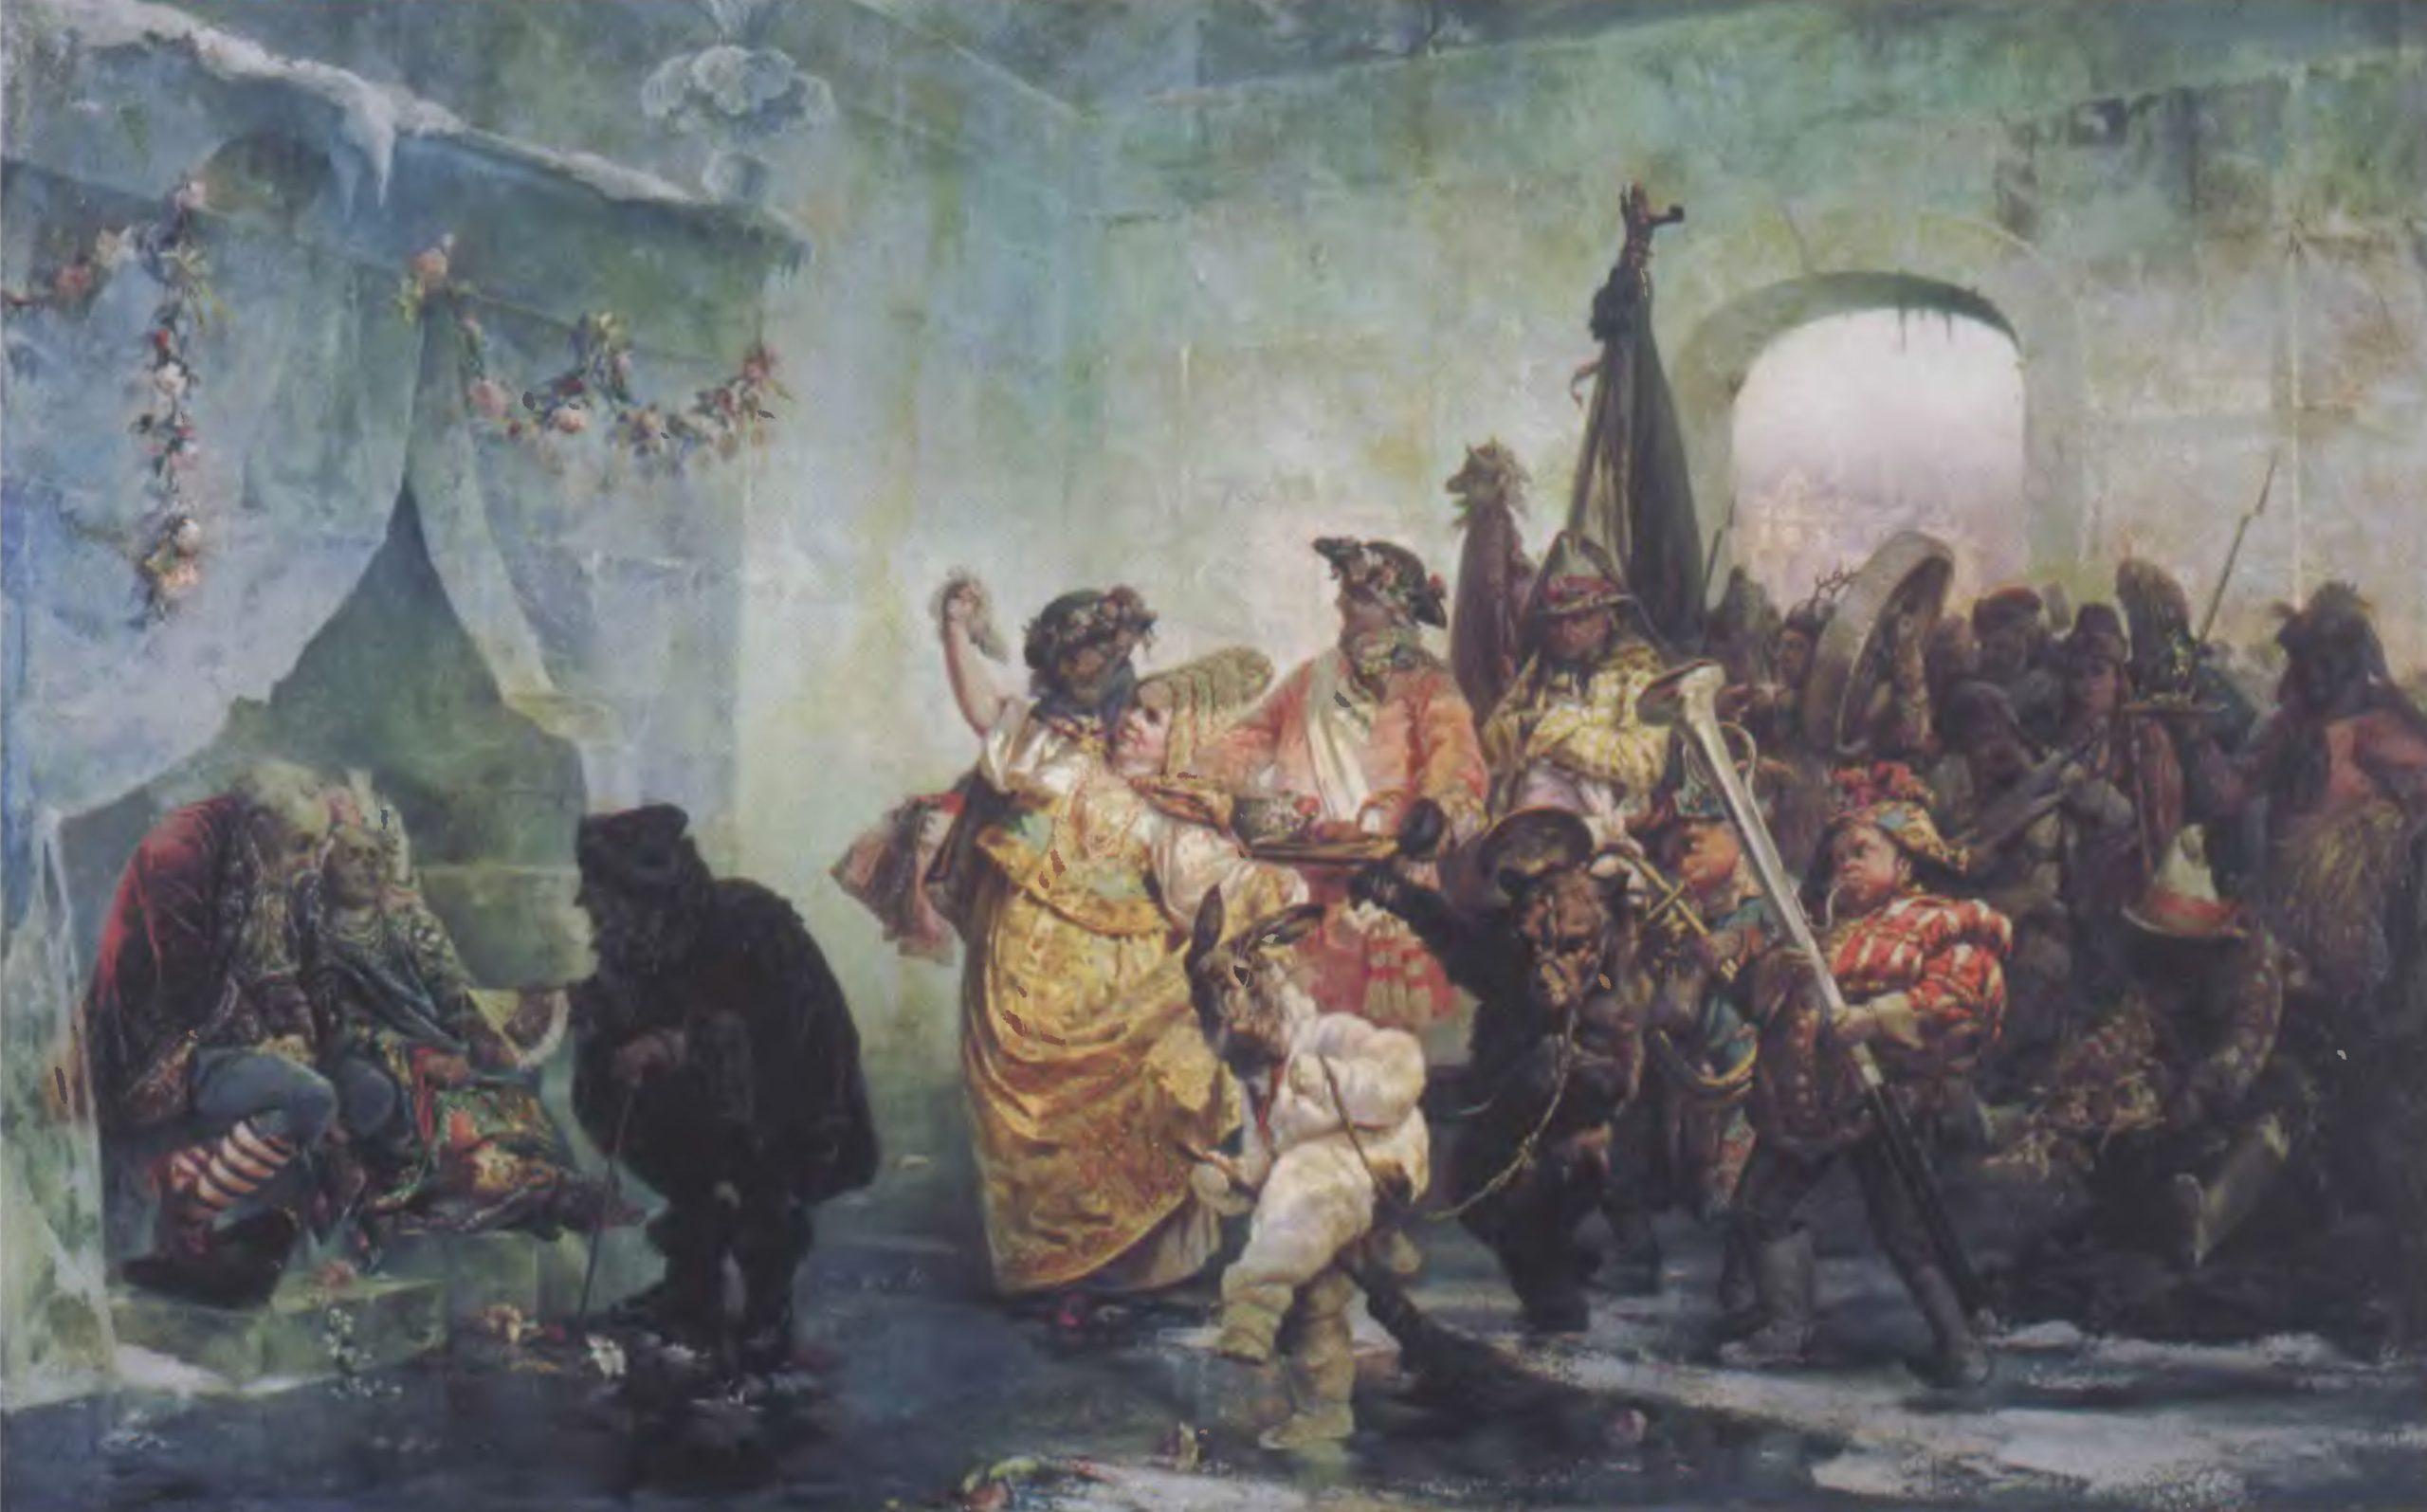 ВАЛЕРИЙ ЯКОБИ. Ледяной дом. 1878. Холст, масло. 133,5 х 216 см. Государственный Русский музей